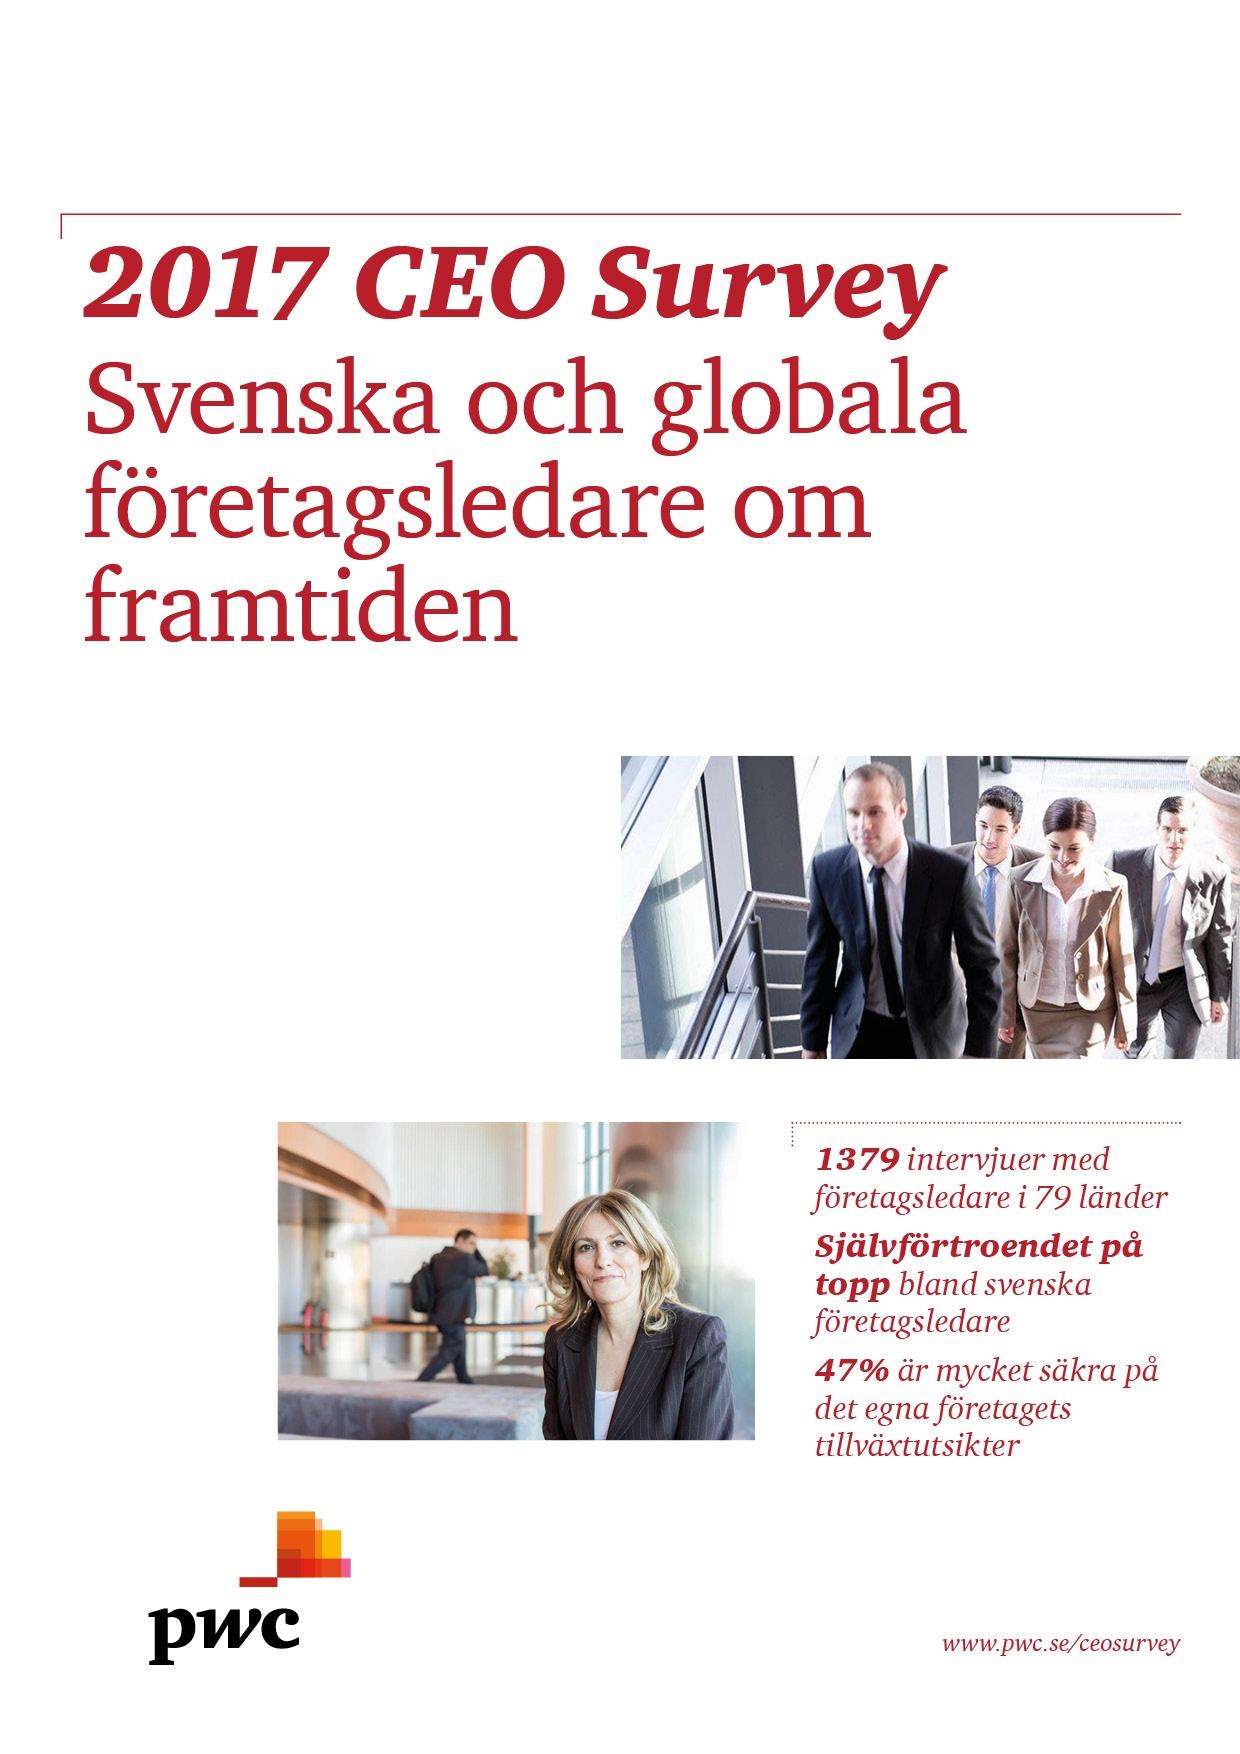 PwC:s CEO Survey 2017 - svenska och globala företagsledare om framtiden